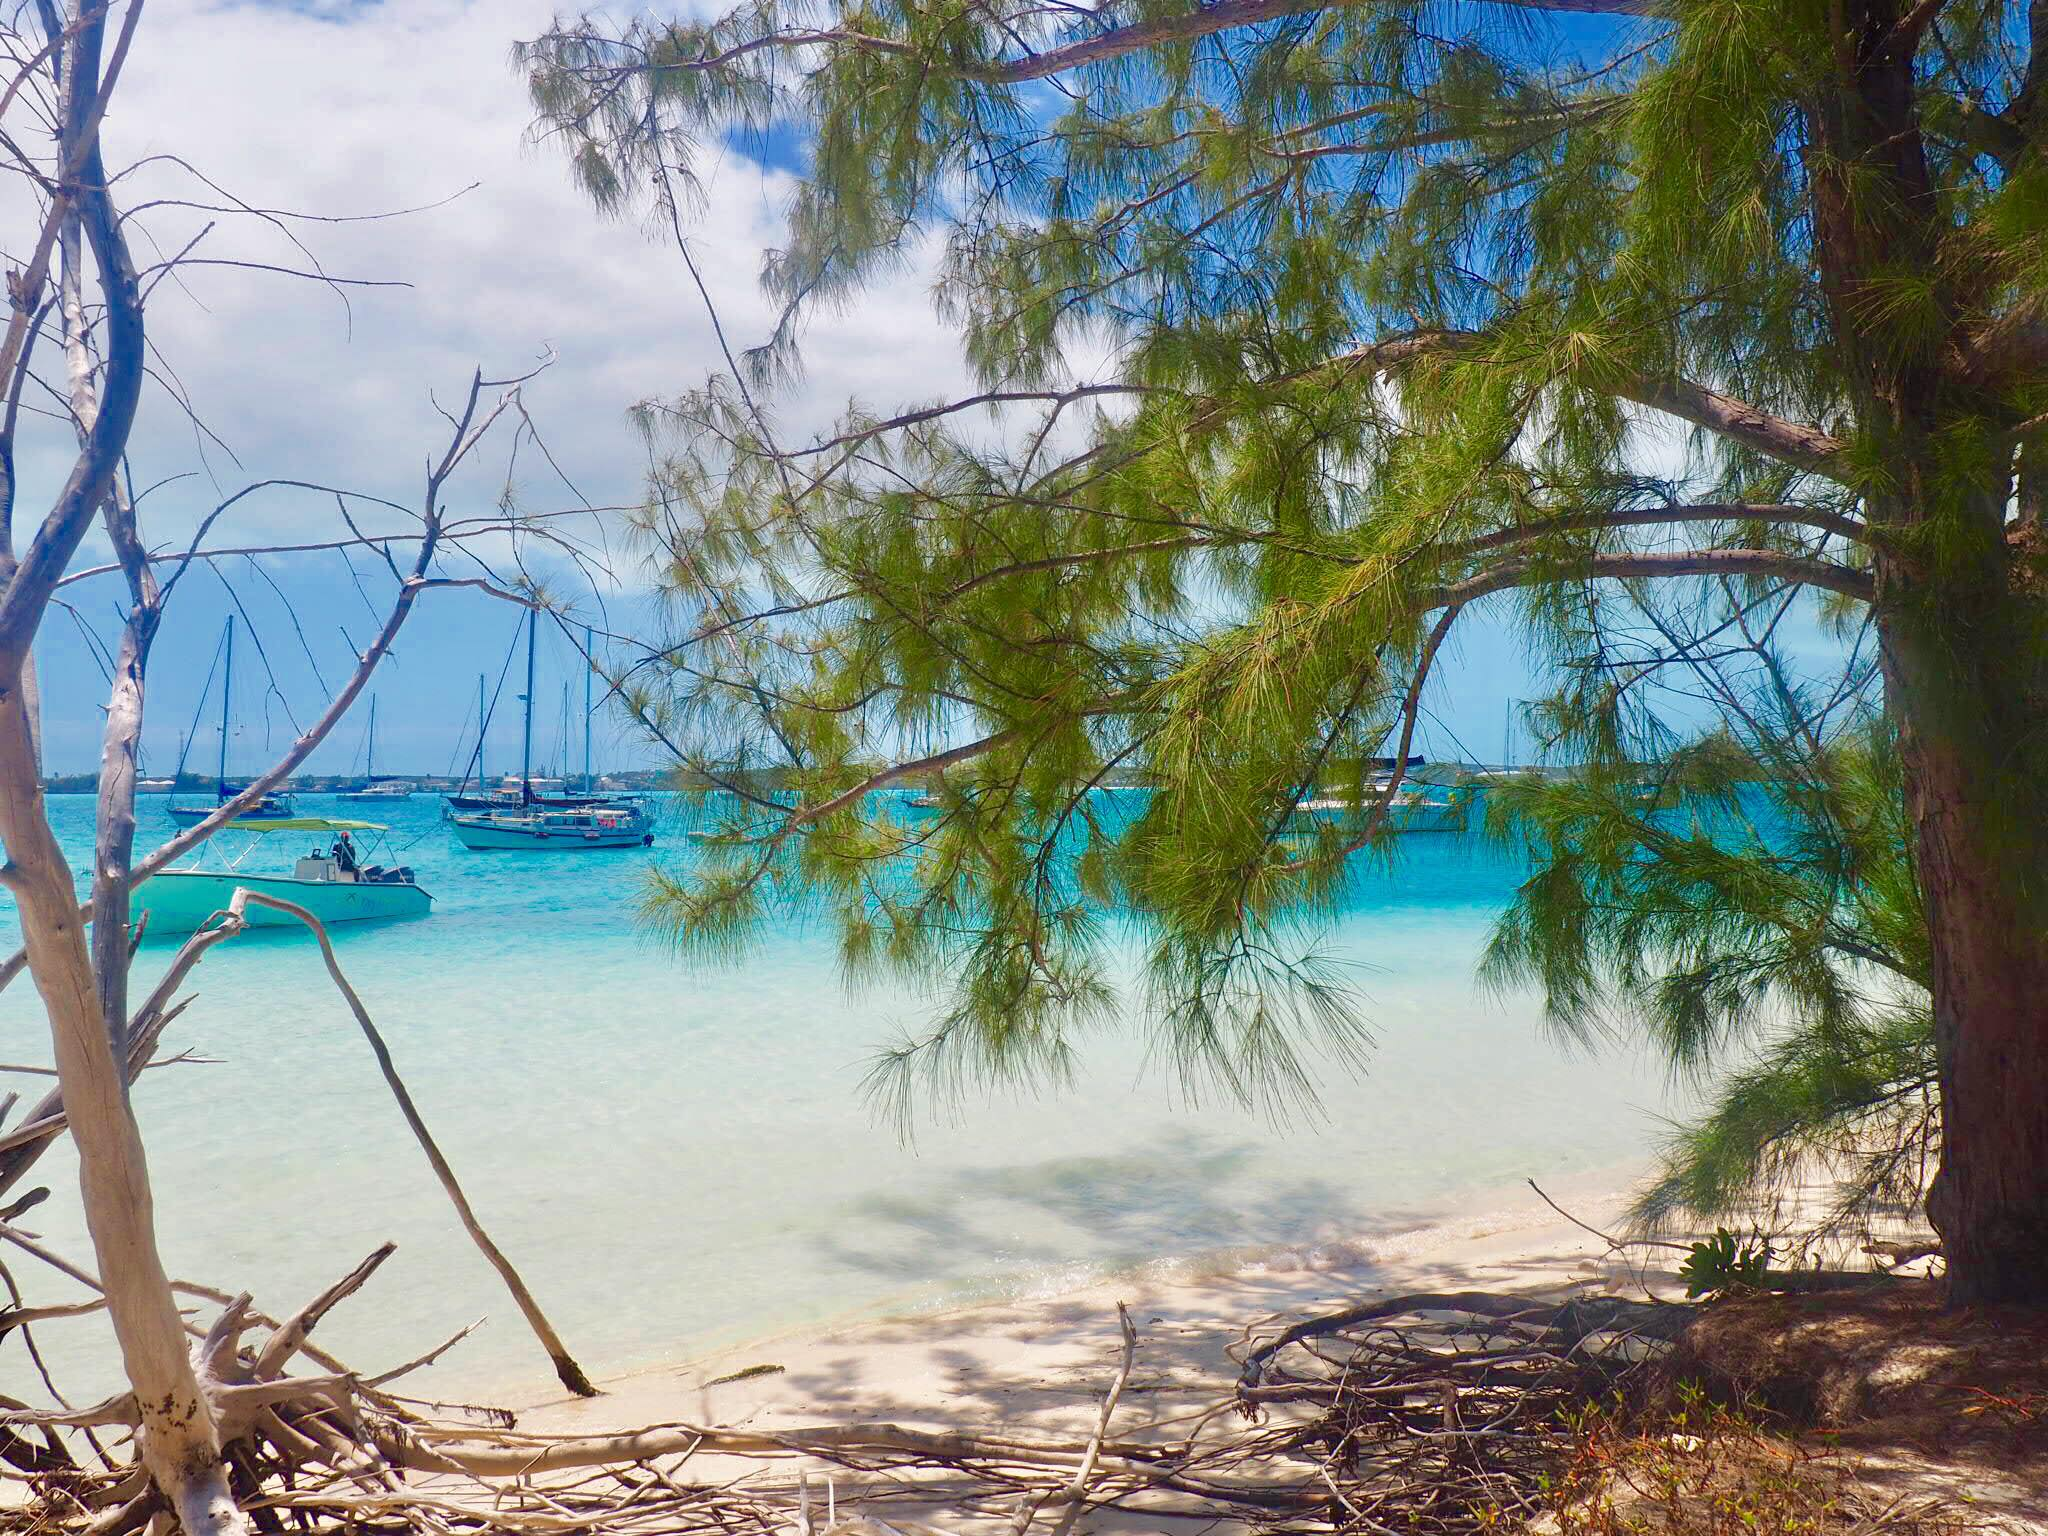 Sailing Life Day 34: Good Friday in The Bahamas